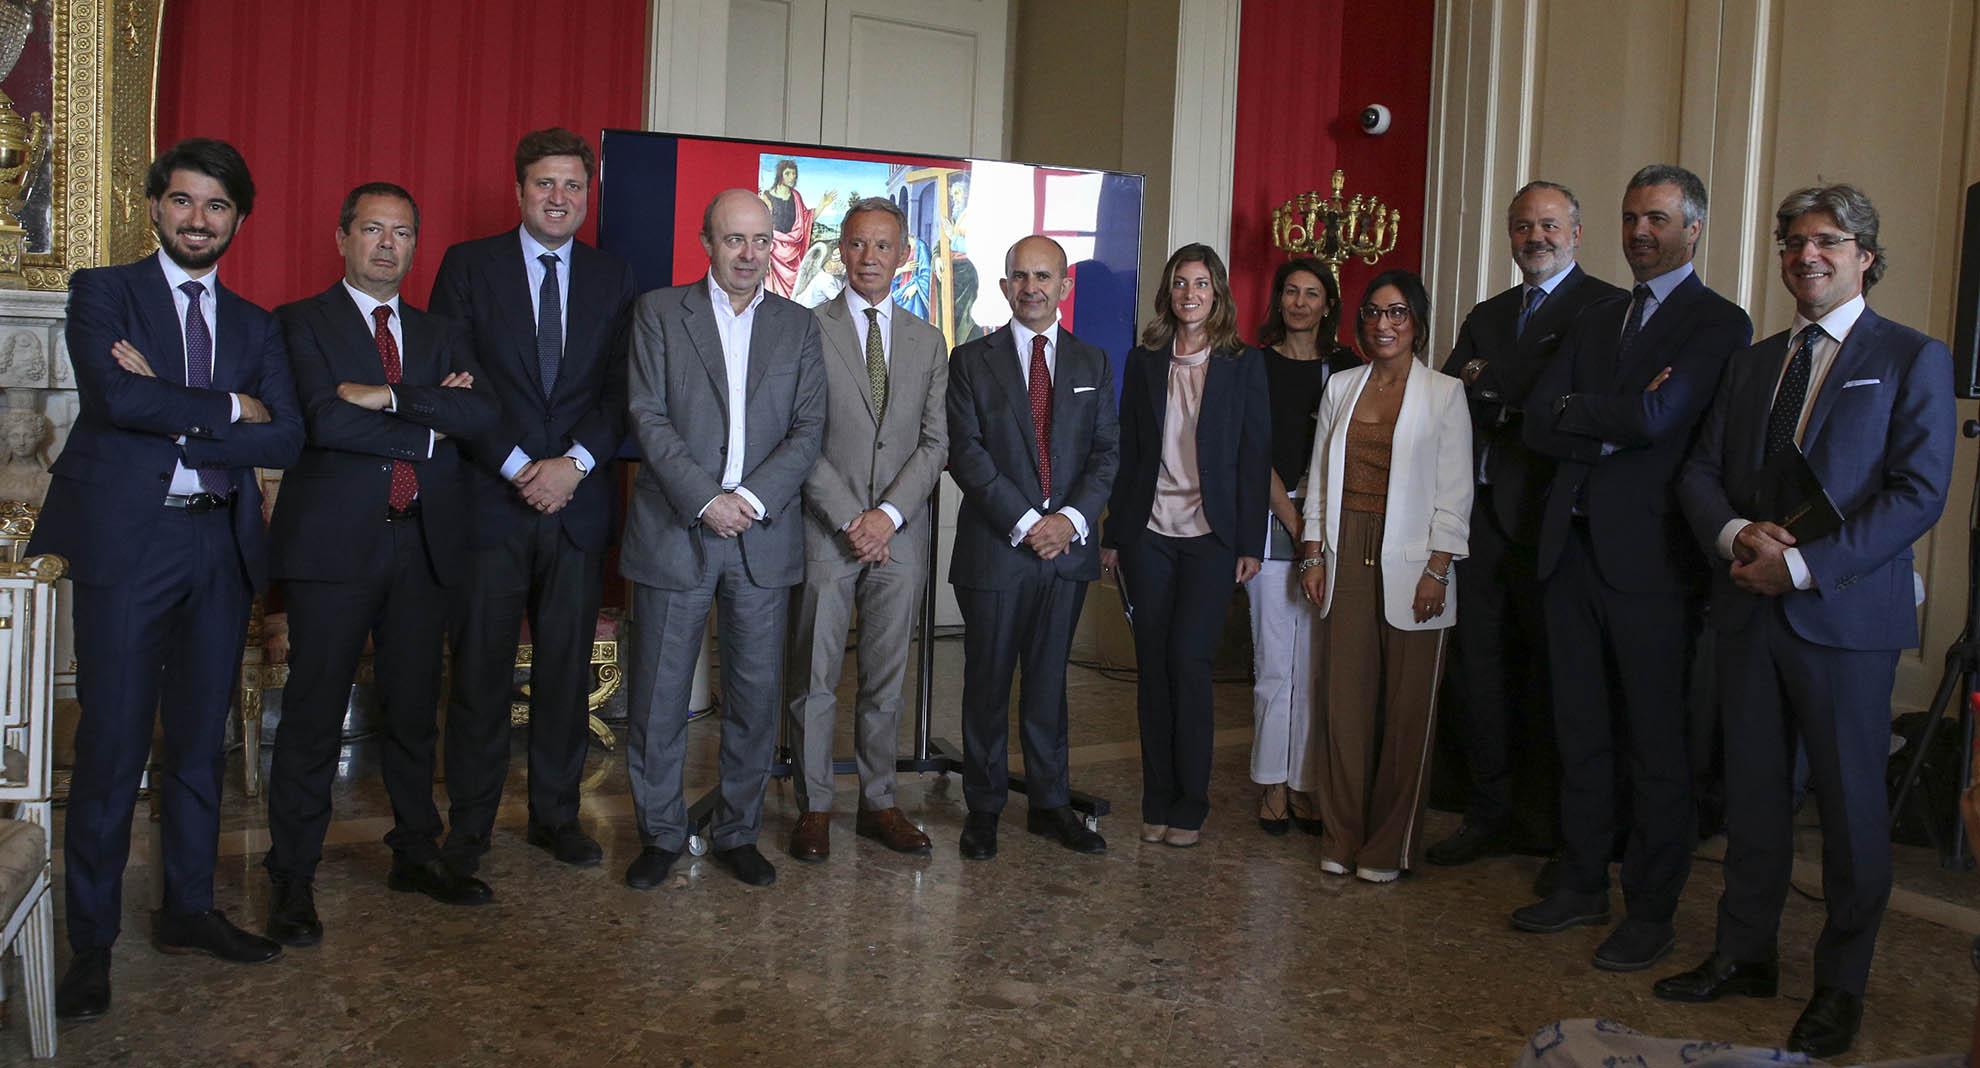 Le aziende adottano le opere di Capodimonte: parte la terza edizione di Rivelazioni-Finance for Fine Arts